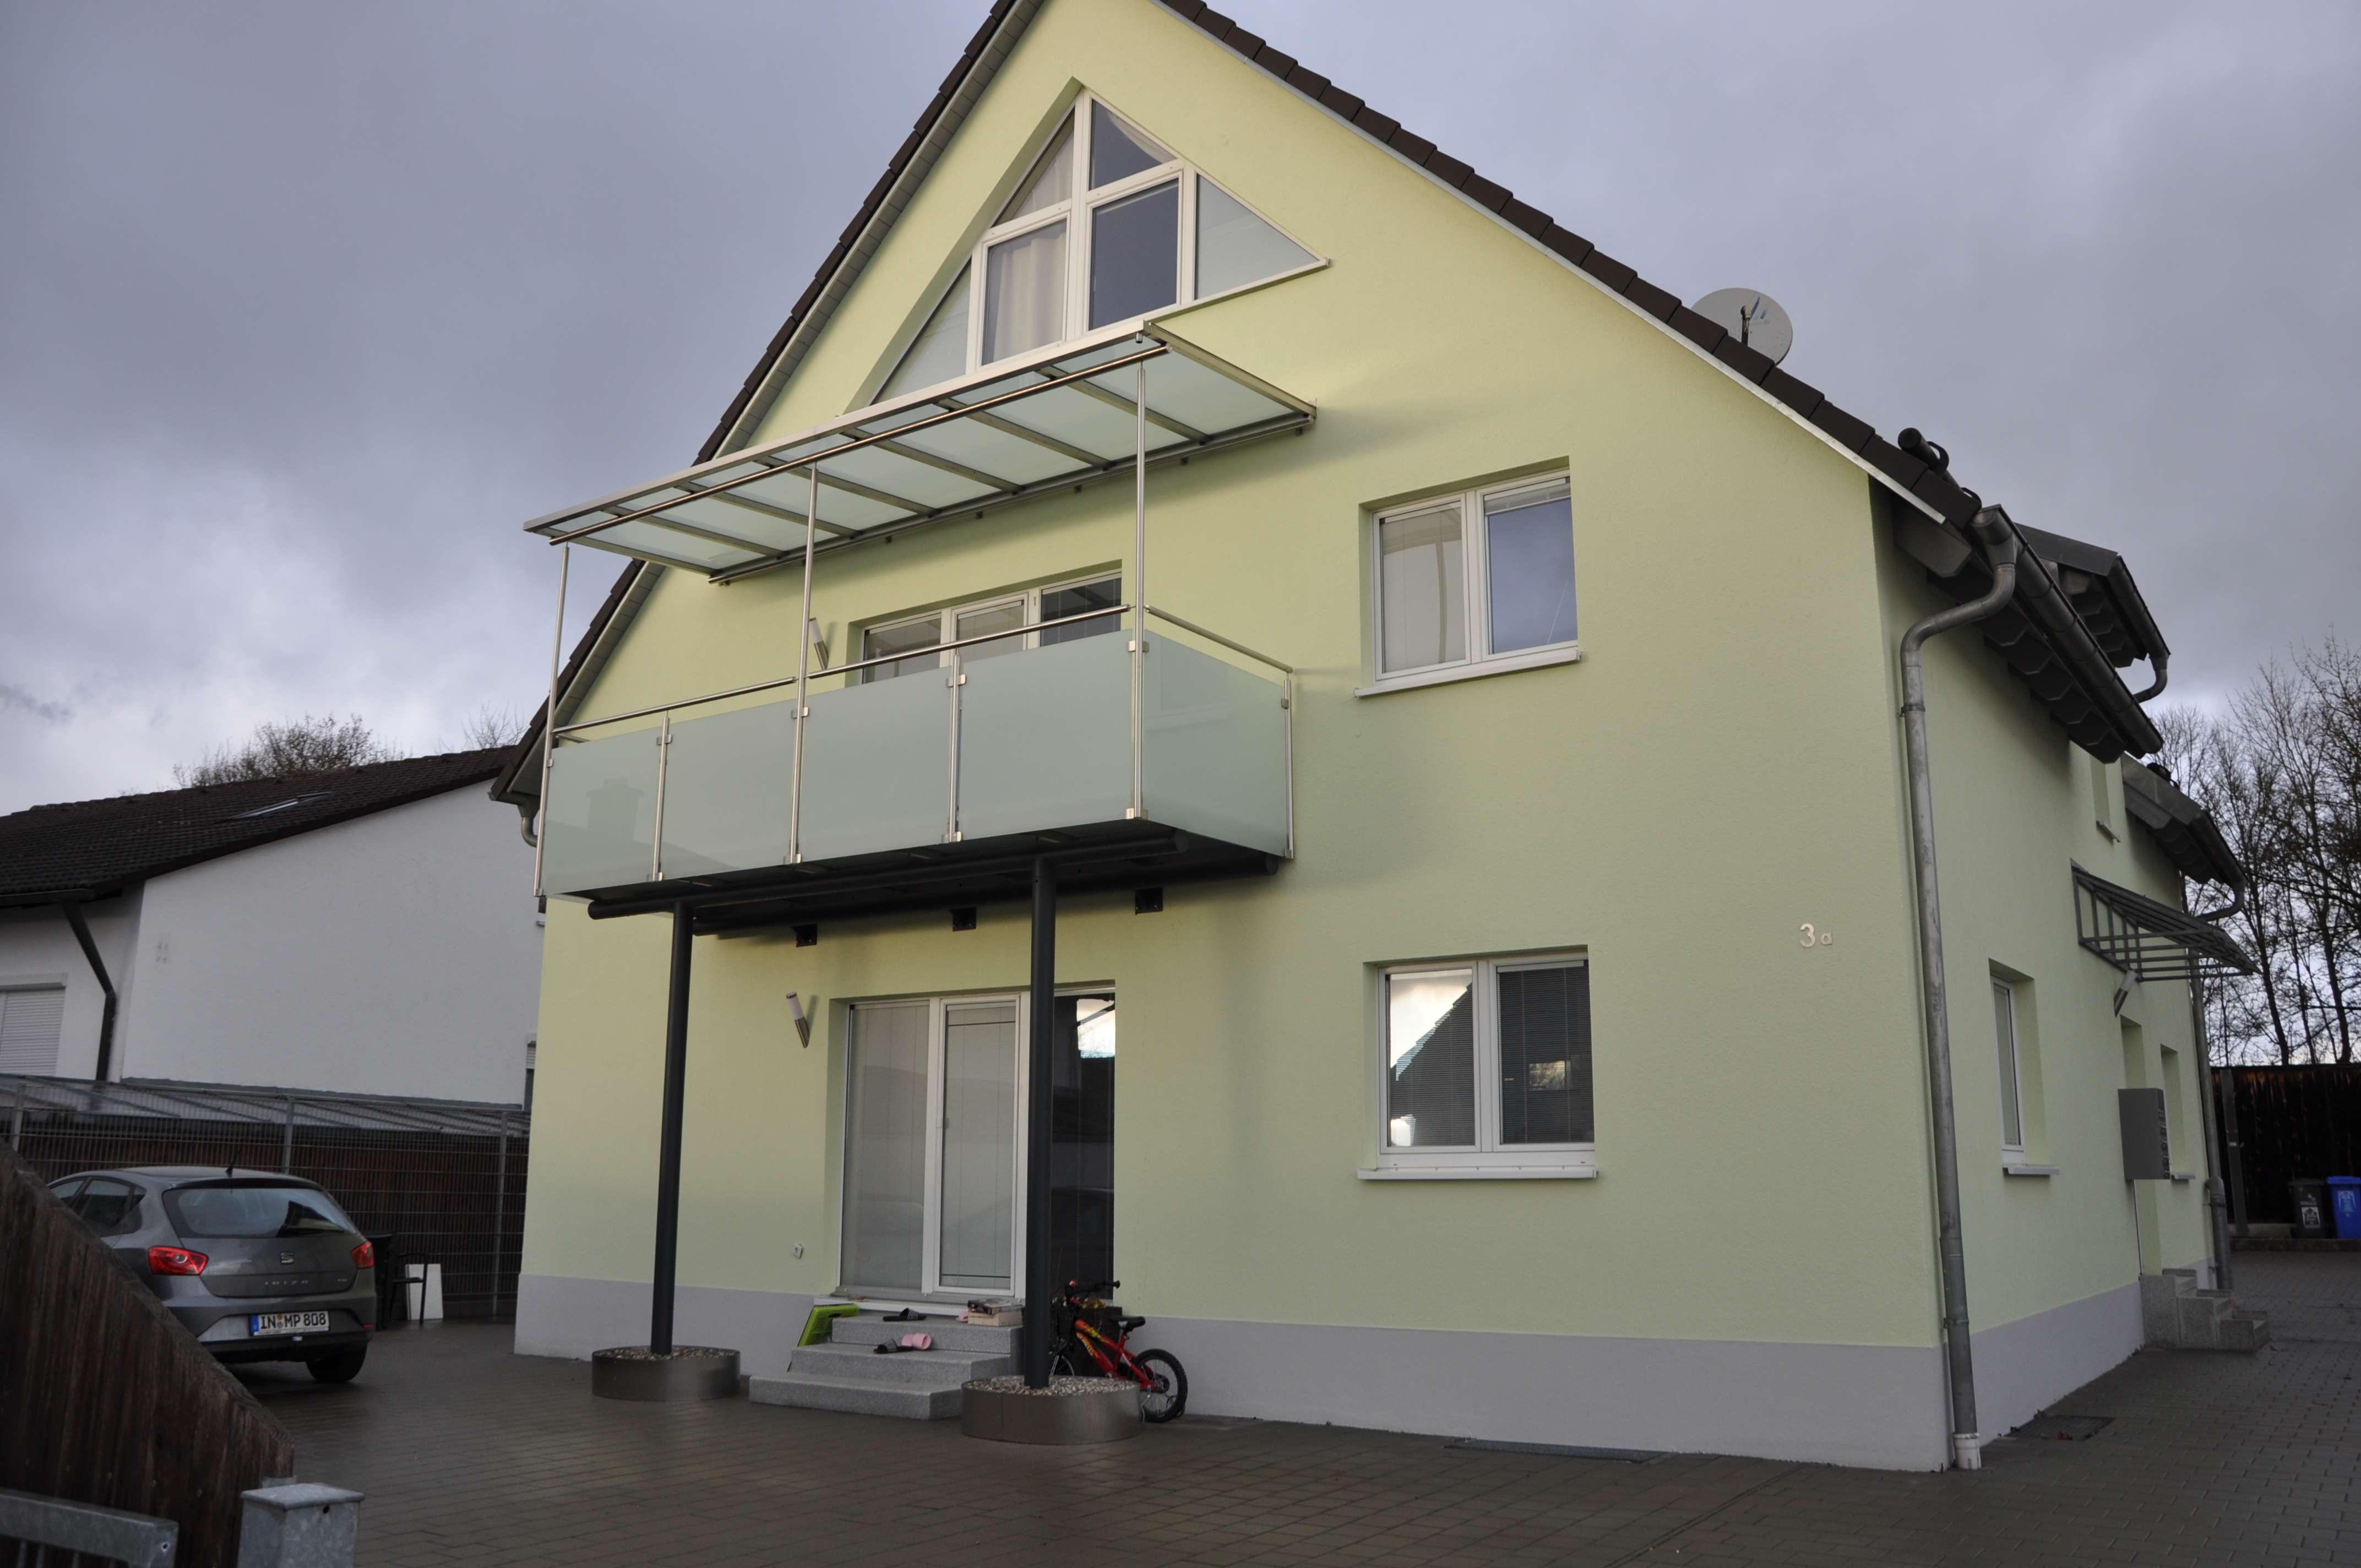 Vollständig renovierte 4-Zimmer-Wohnung mit Balkon in Ingolstadt Mailing in Mailing (Ingolstadt)